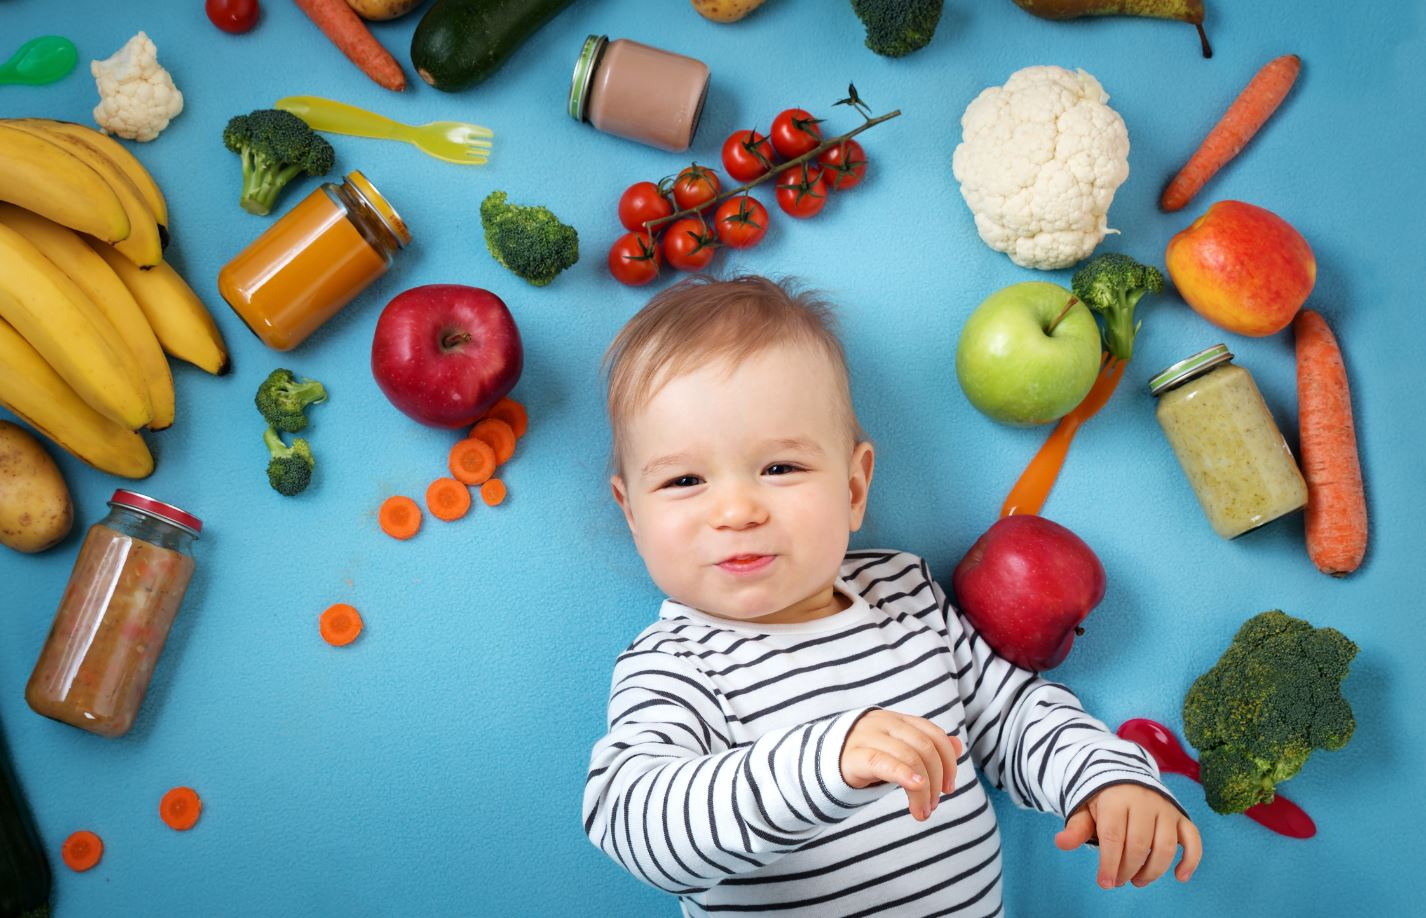 Kind mit Obst und Gemüse Adobe Stockphotos